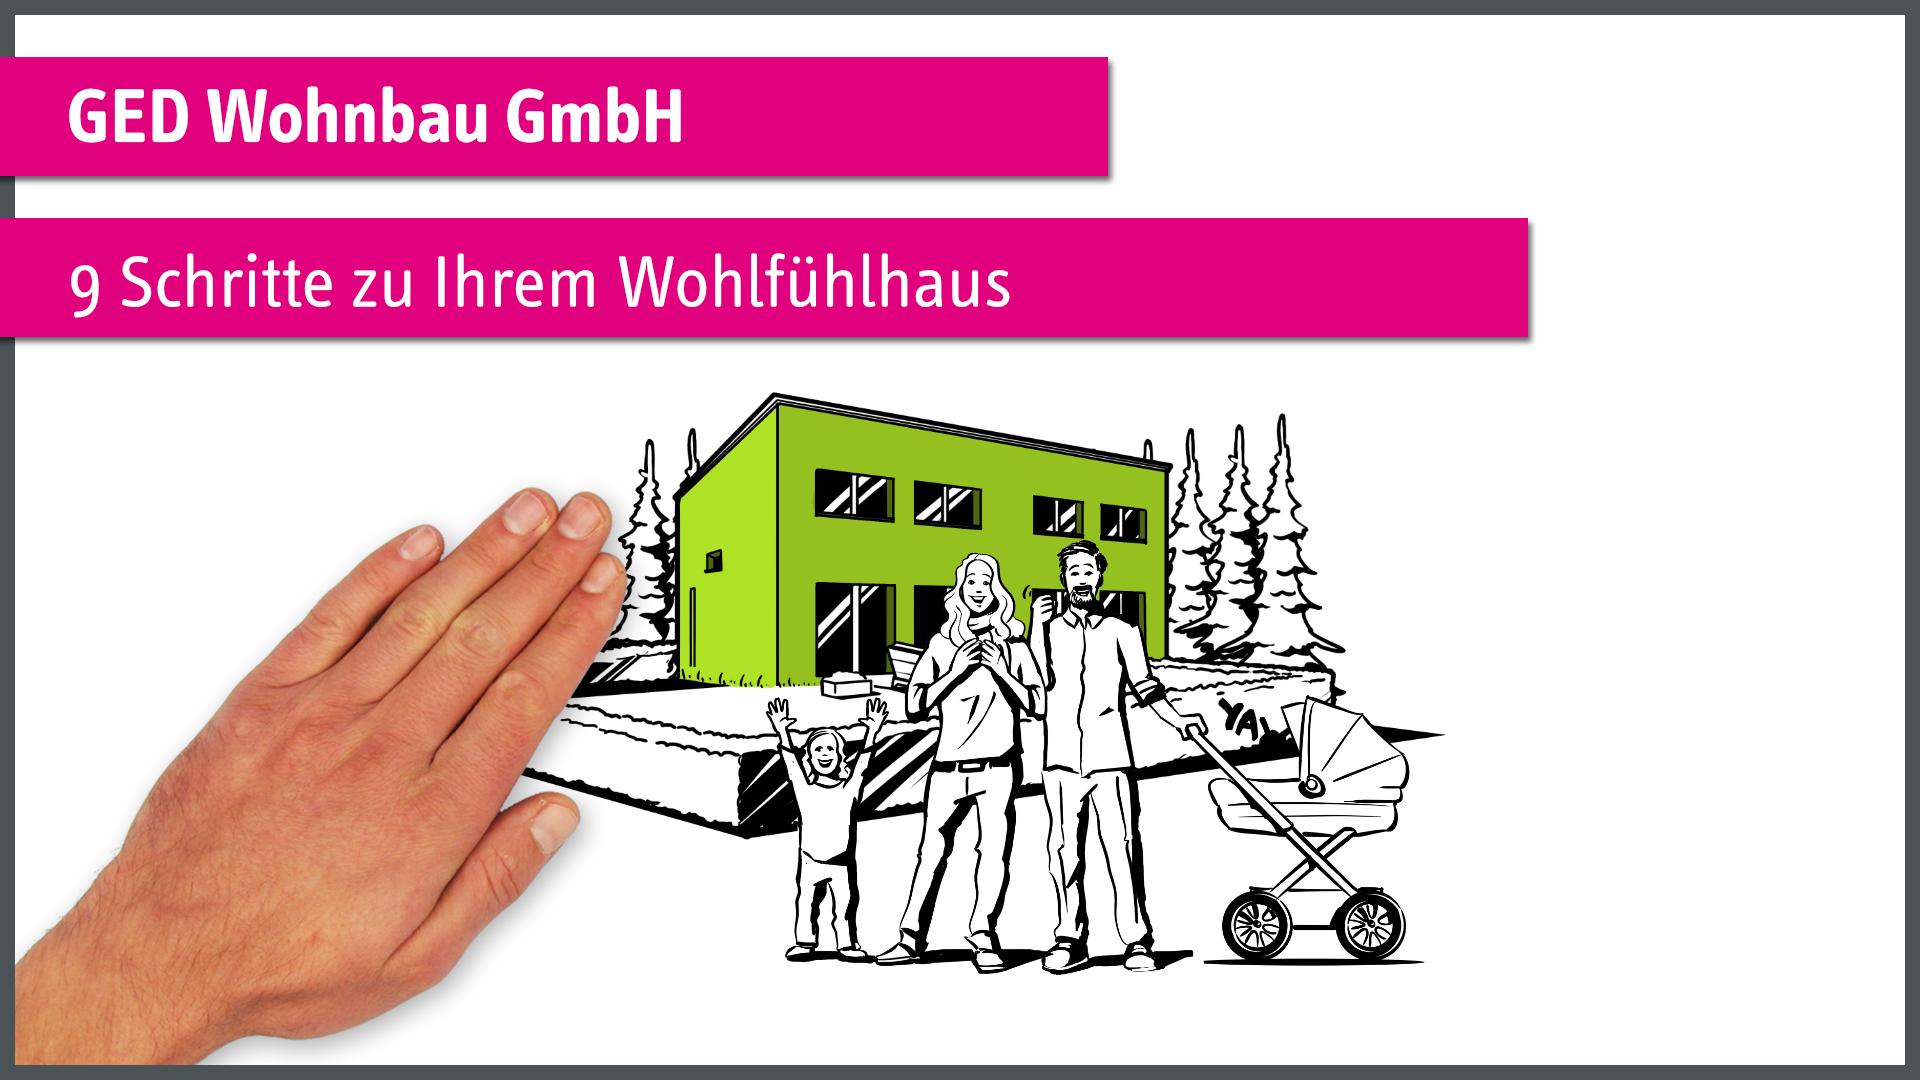 GED Wohnbau GmbH - 9 Schritte zur Ihrem Wohlfühlhaus